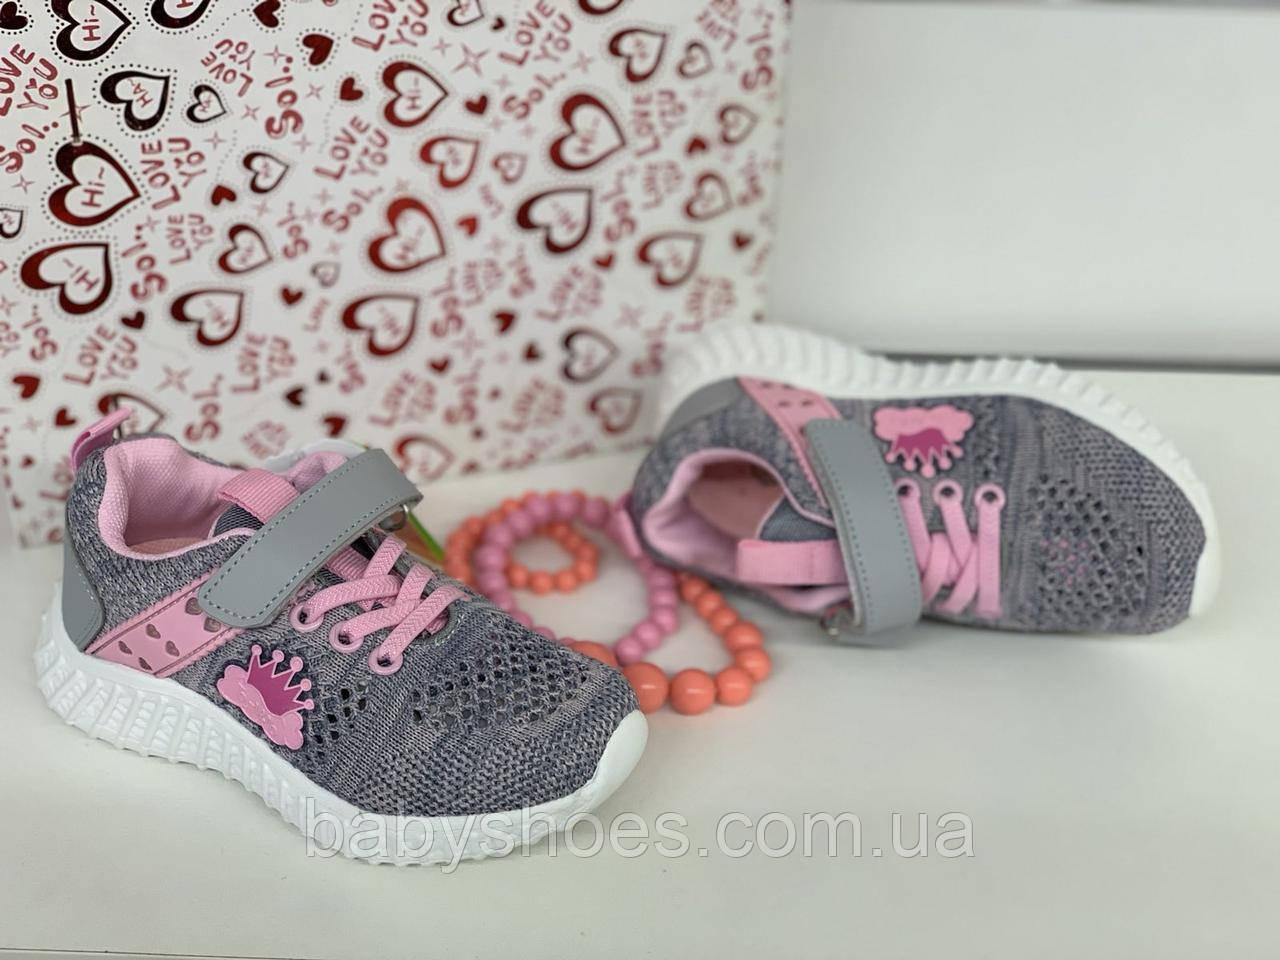 Кроссовки для девочки Kimboo  р.26-31 КД-509